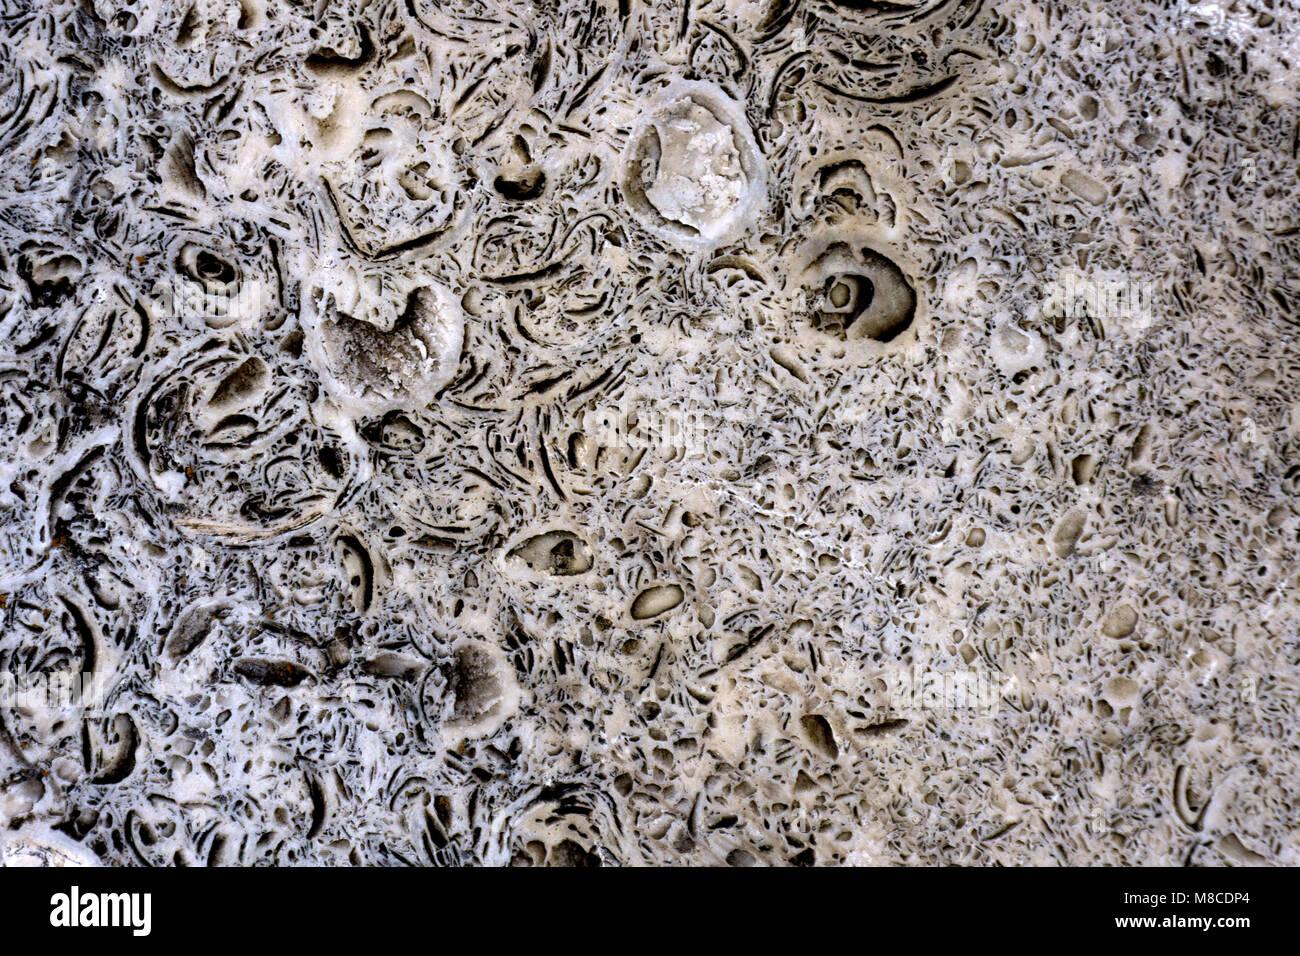 Les pierres décoratives. macro dendrite. Les matières premières la plaque. Photo Stock